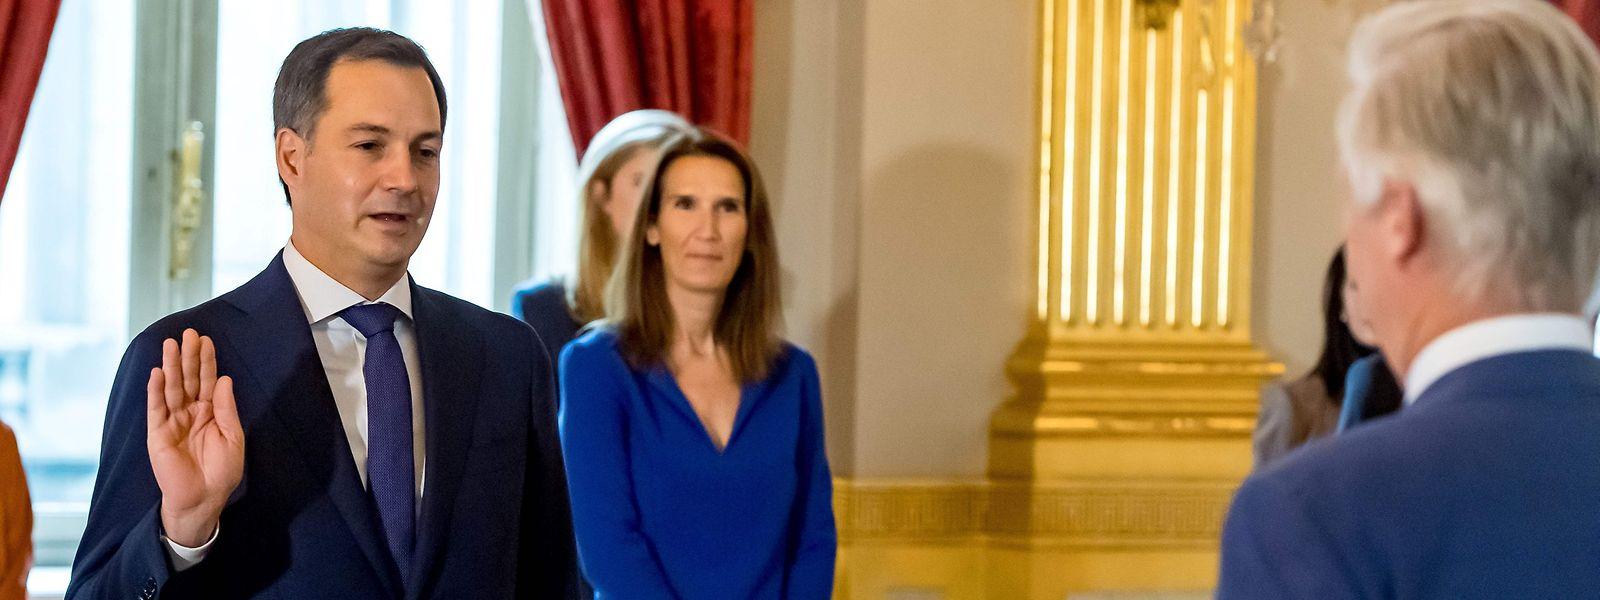 En octobre 2020, Alexander De Croo prêtait serment devant le roi Philippe de Belgique.